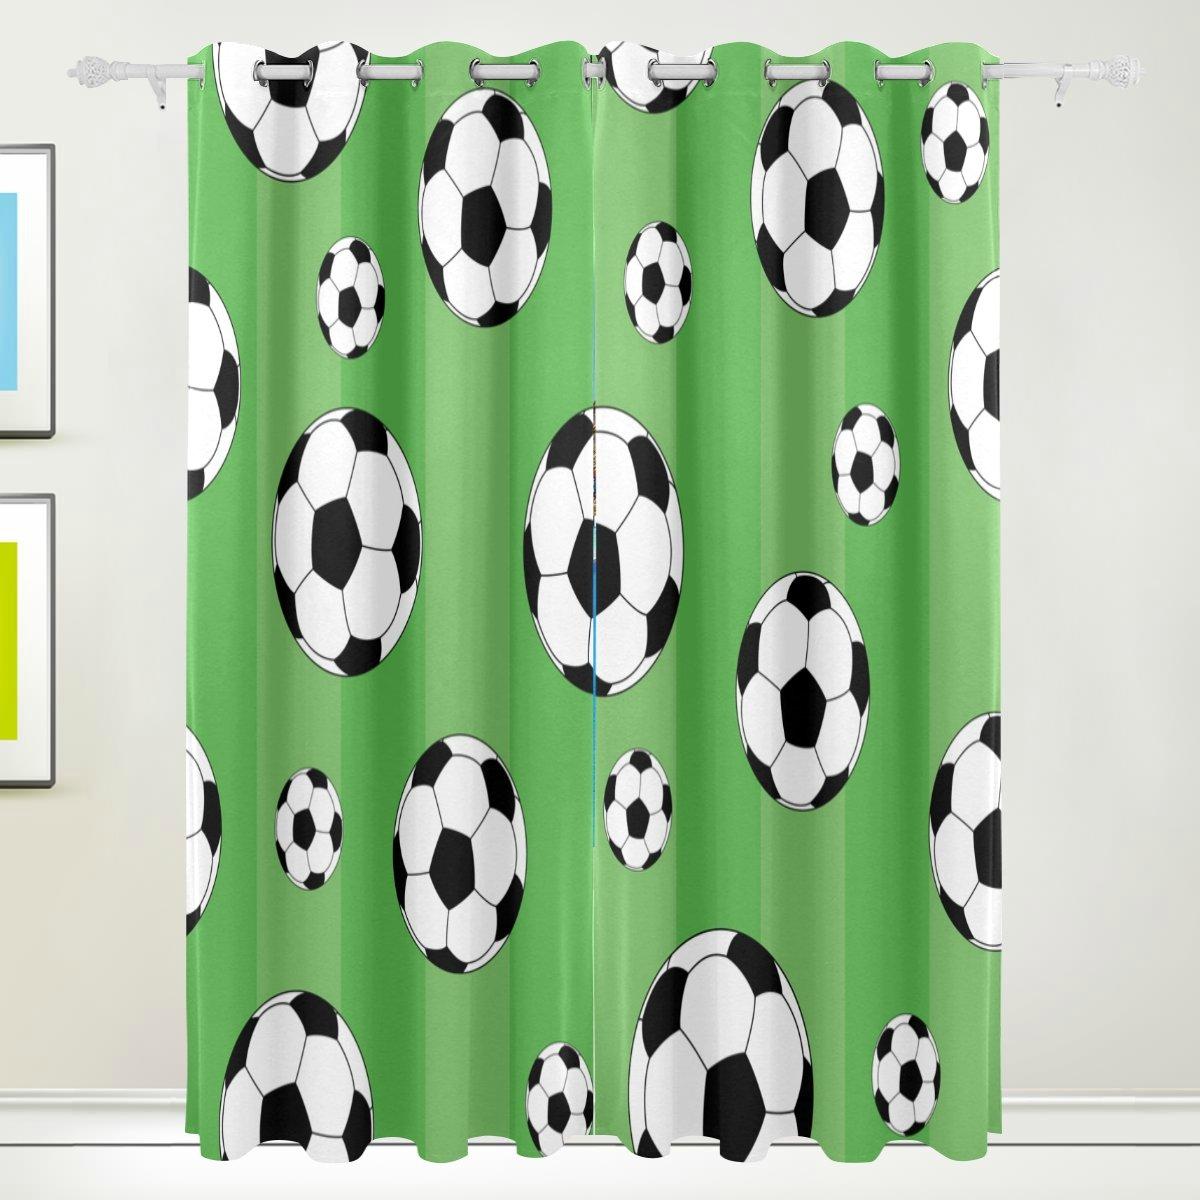 TIZORAX Fußball grün Vorhänge Verdunkeln zur Wärmedämmung Fenster Panel Drapes für Home Dekoration 213,4 x 139,7 cm Set von 2 Panels